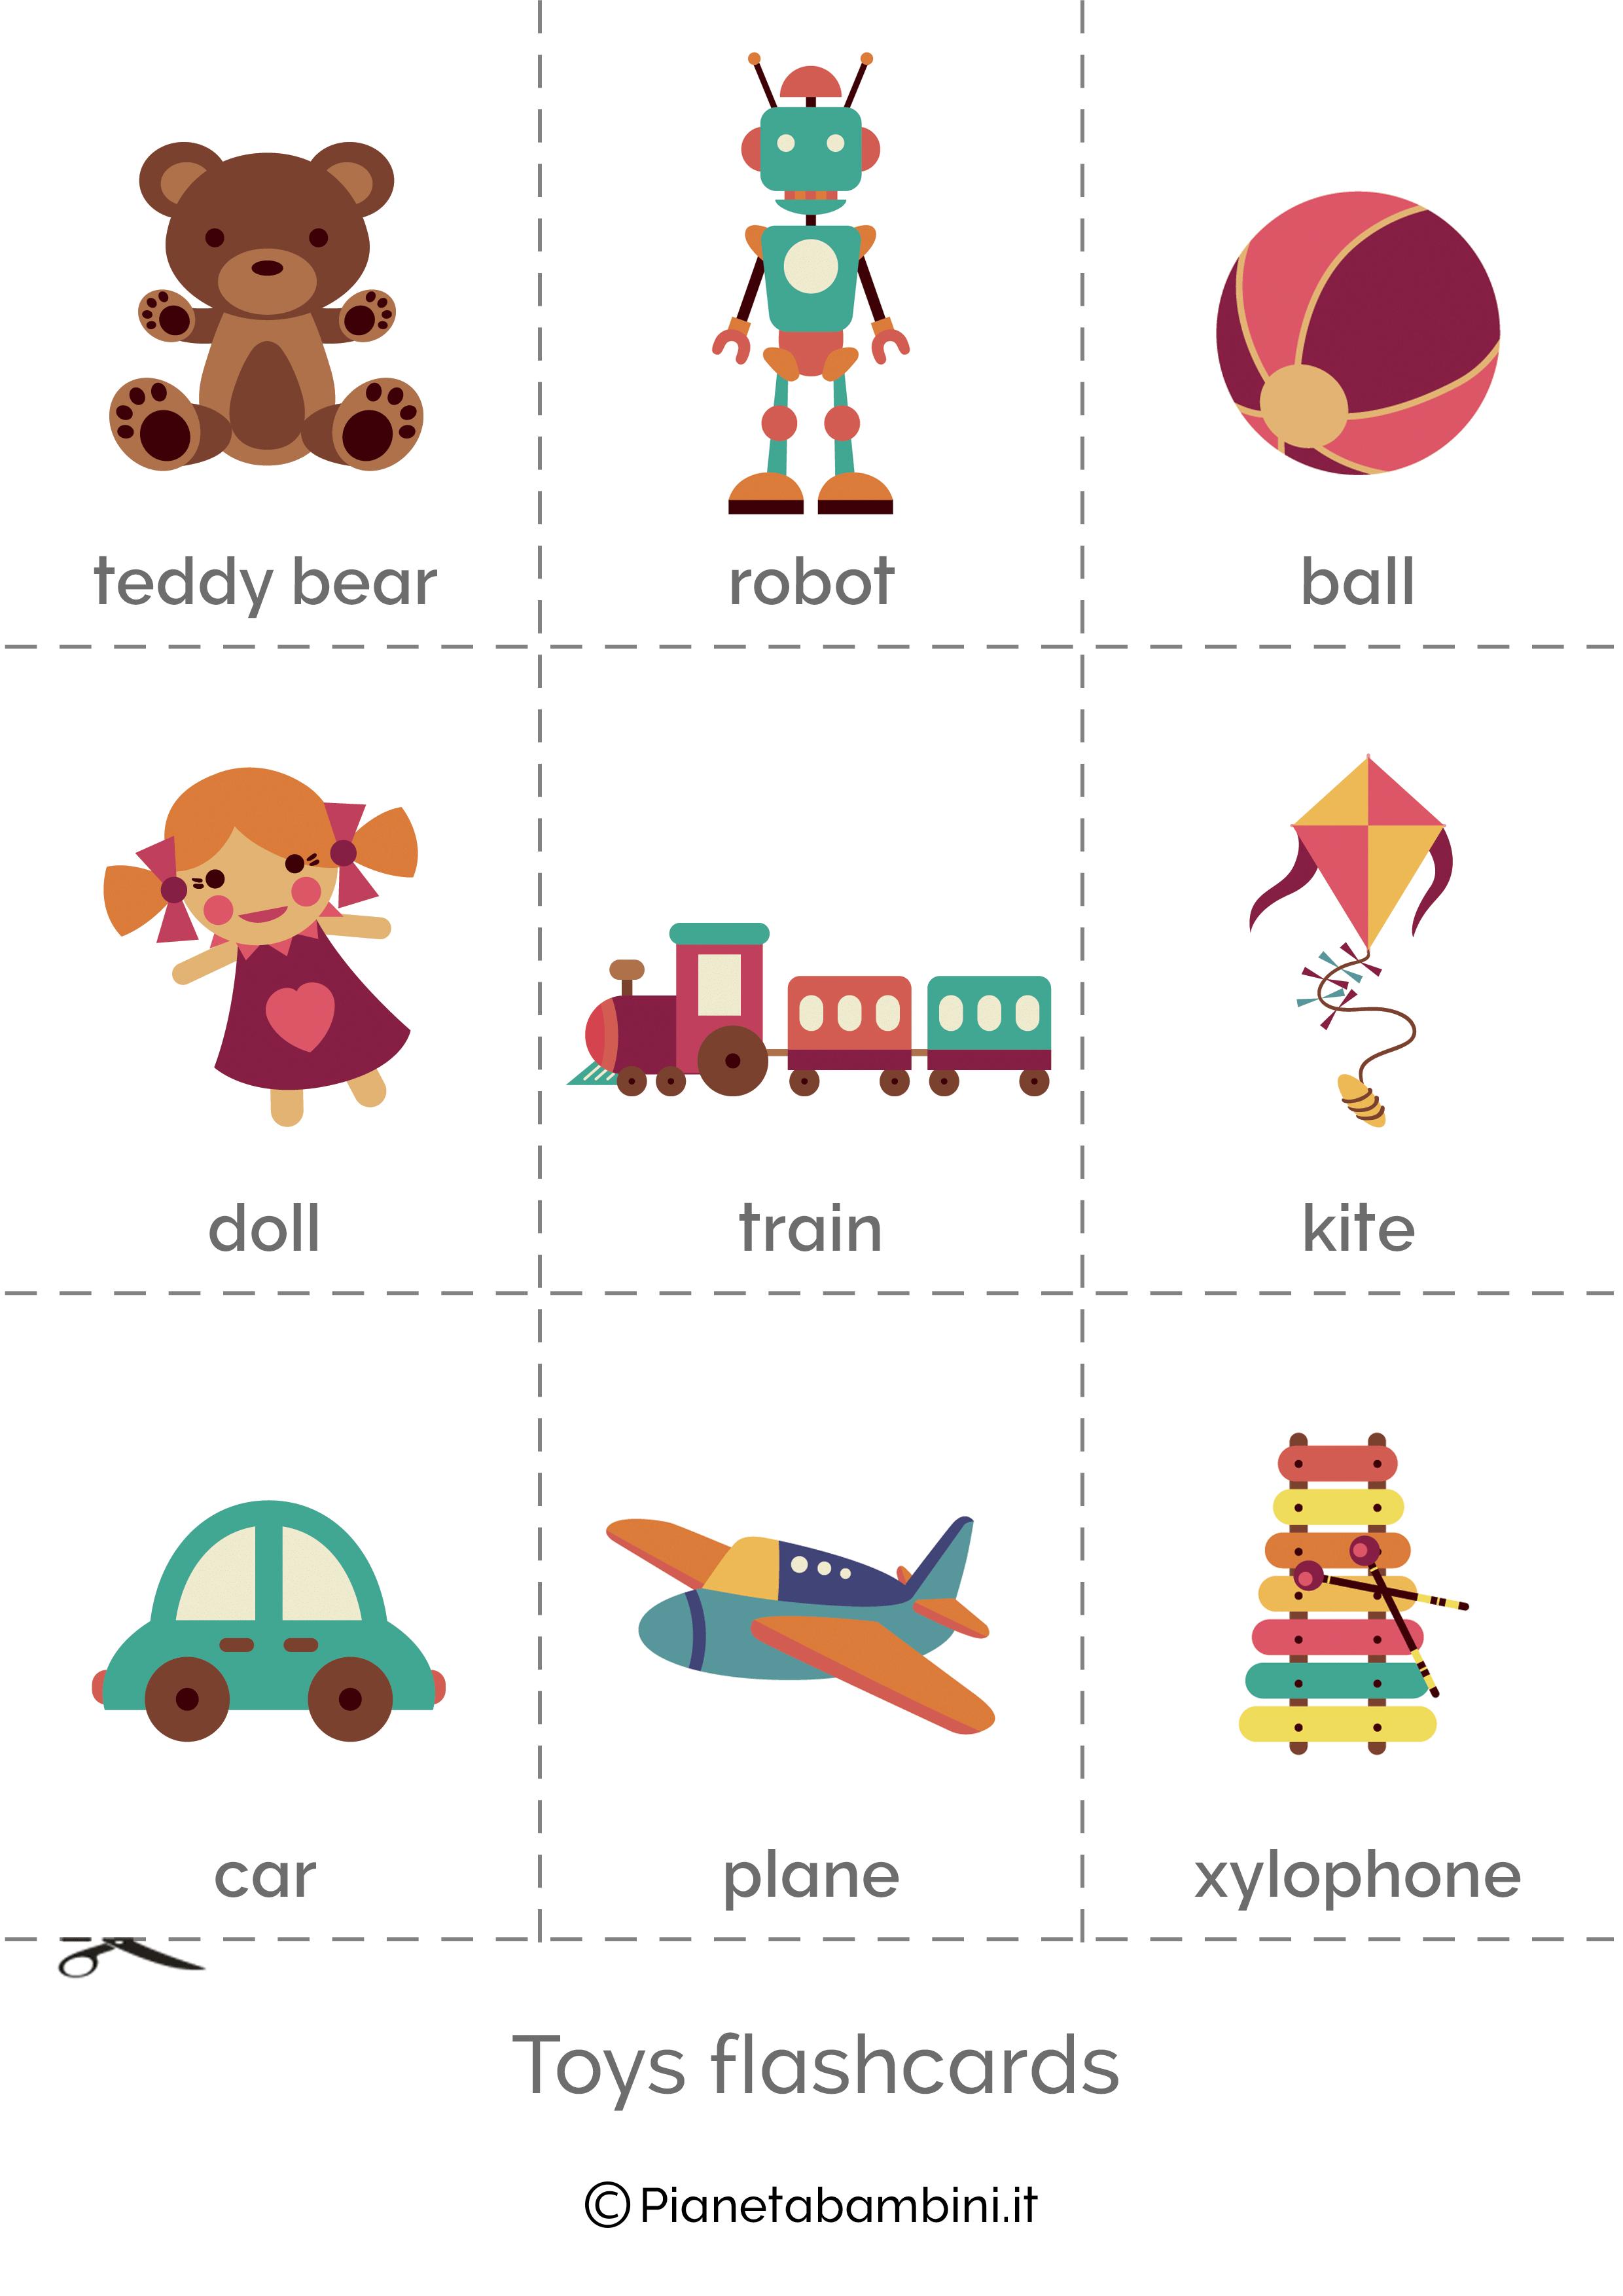 картинки игрушек на английском это возможно отрезанной